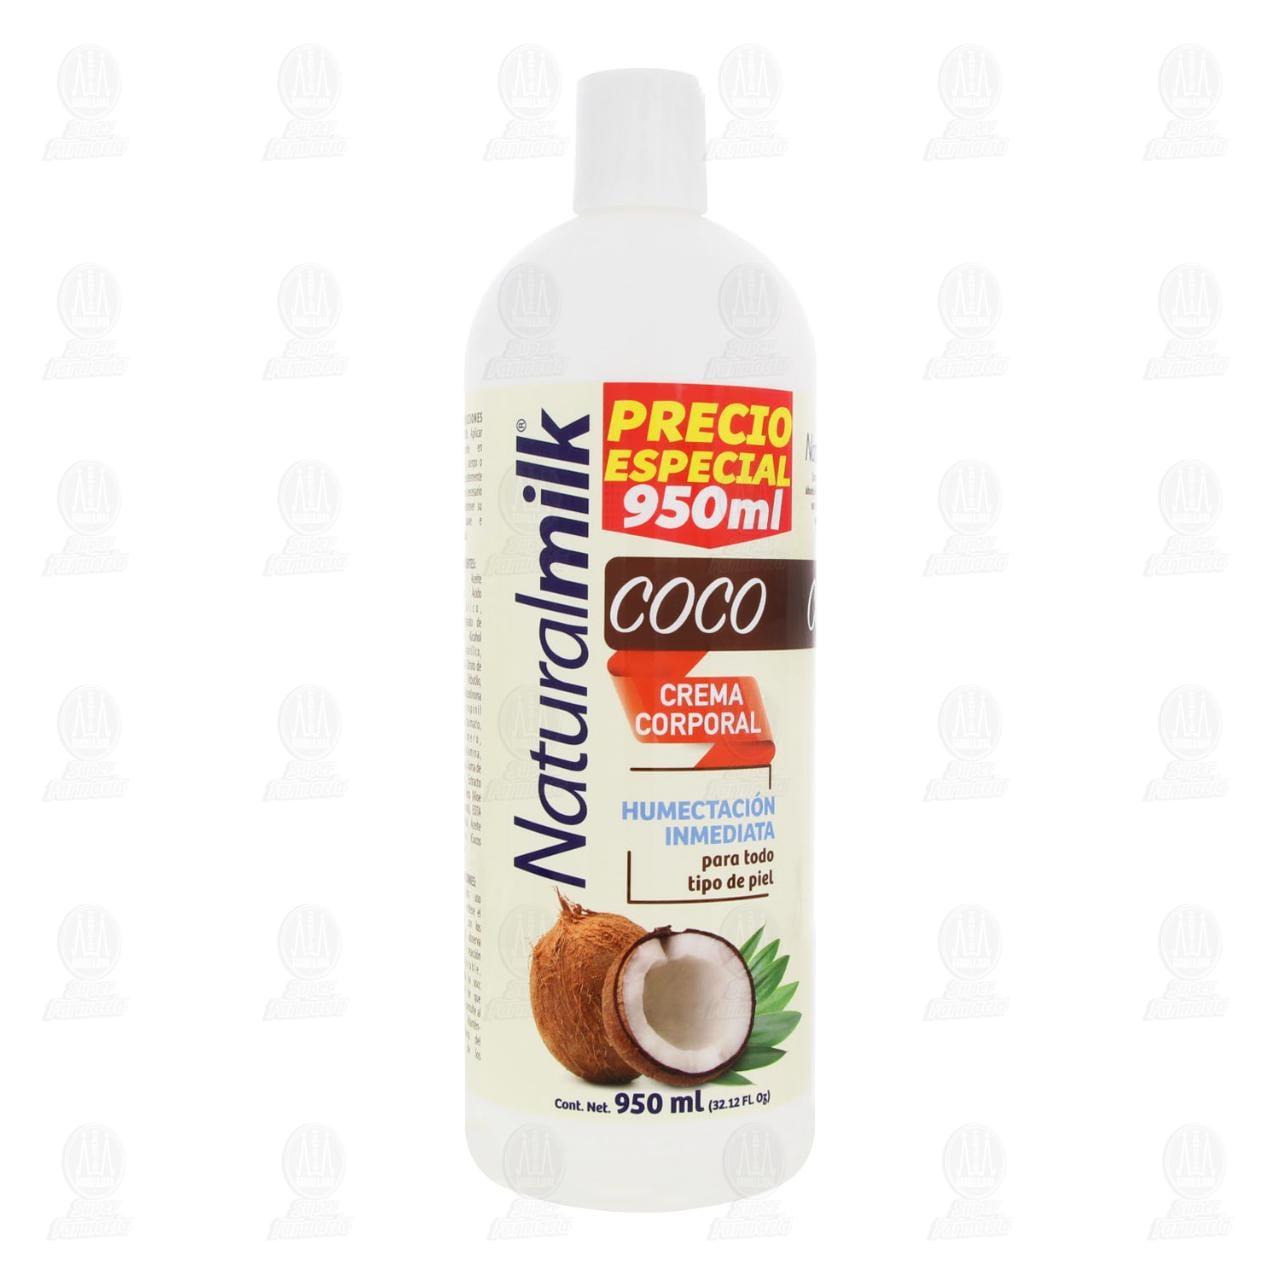 Comprar Crema Corporal Naturalmilk Coco, 950 ml. en Farmacias Guadalajara